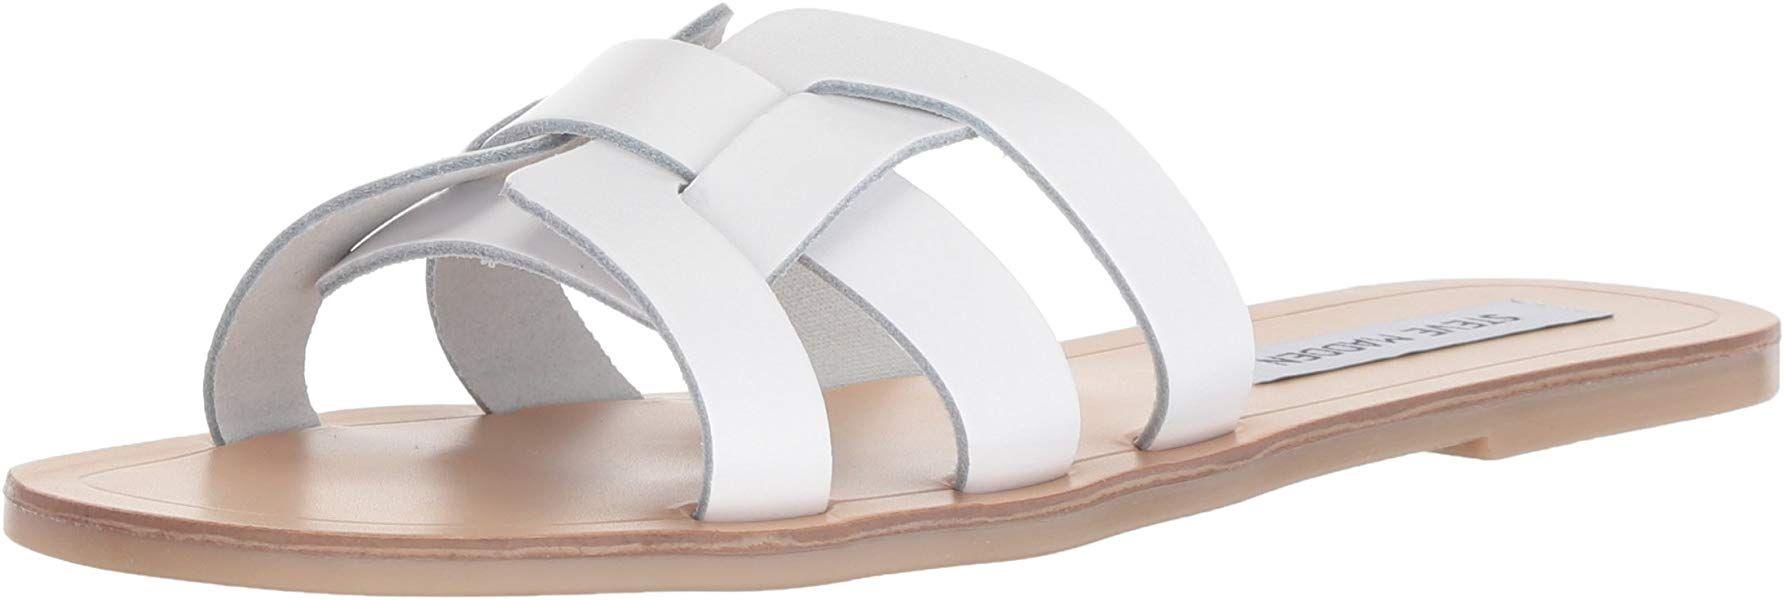 505320163ed2f Amazon.com | Steve Madden Women's Sicily Sandal, White Leather, 8 M ...